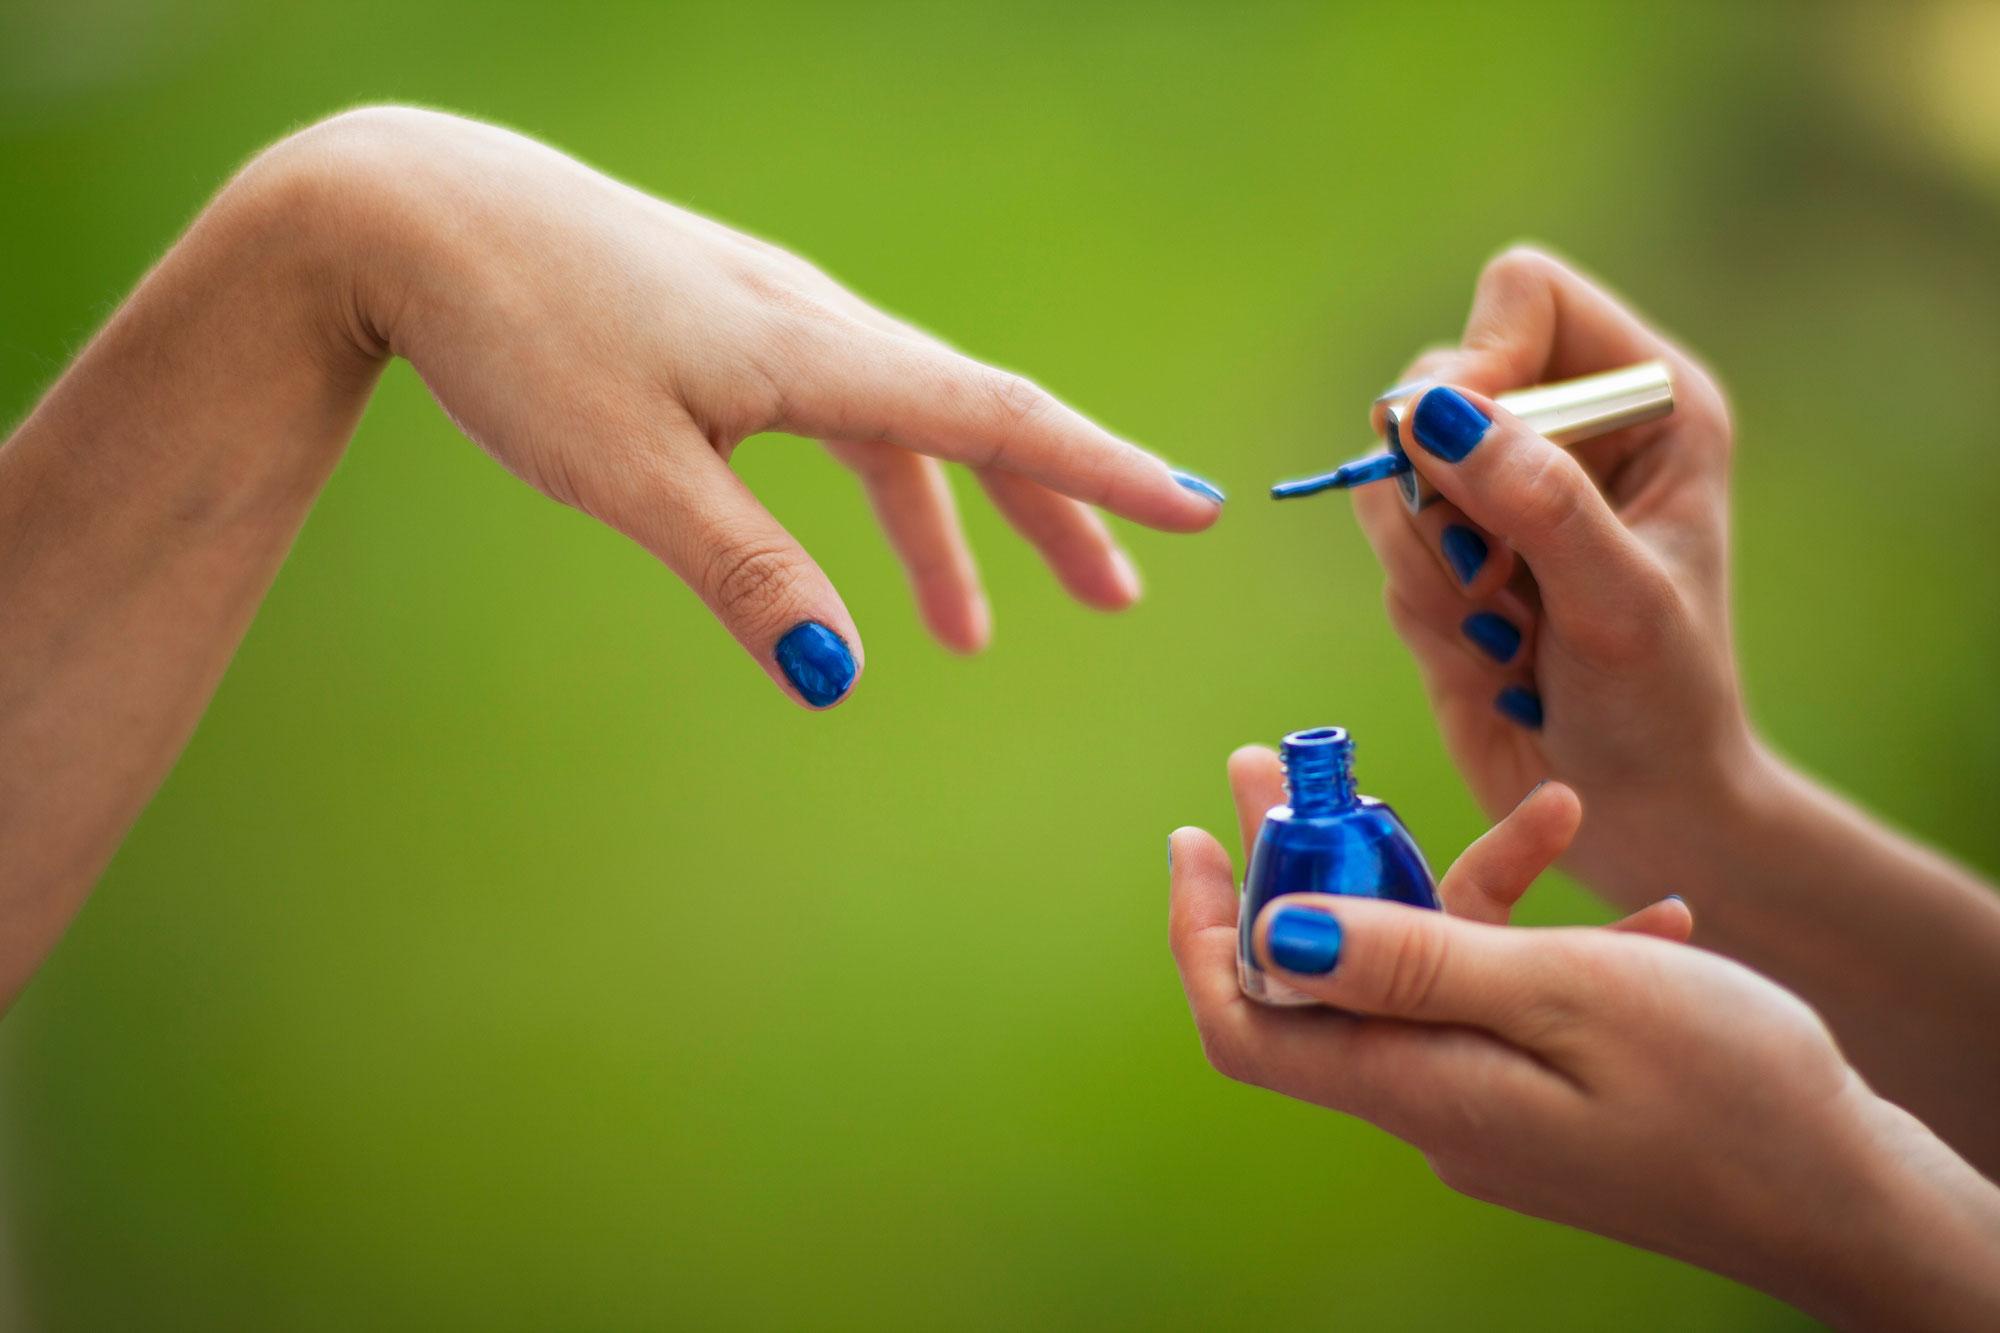 green beauty: natural nails